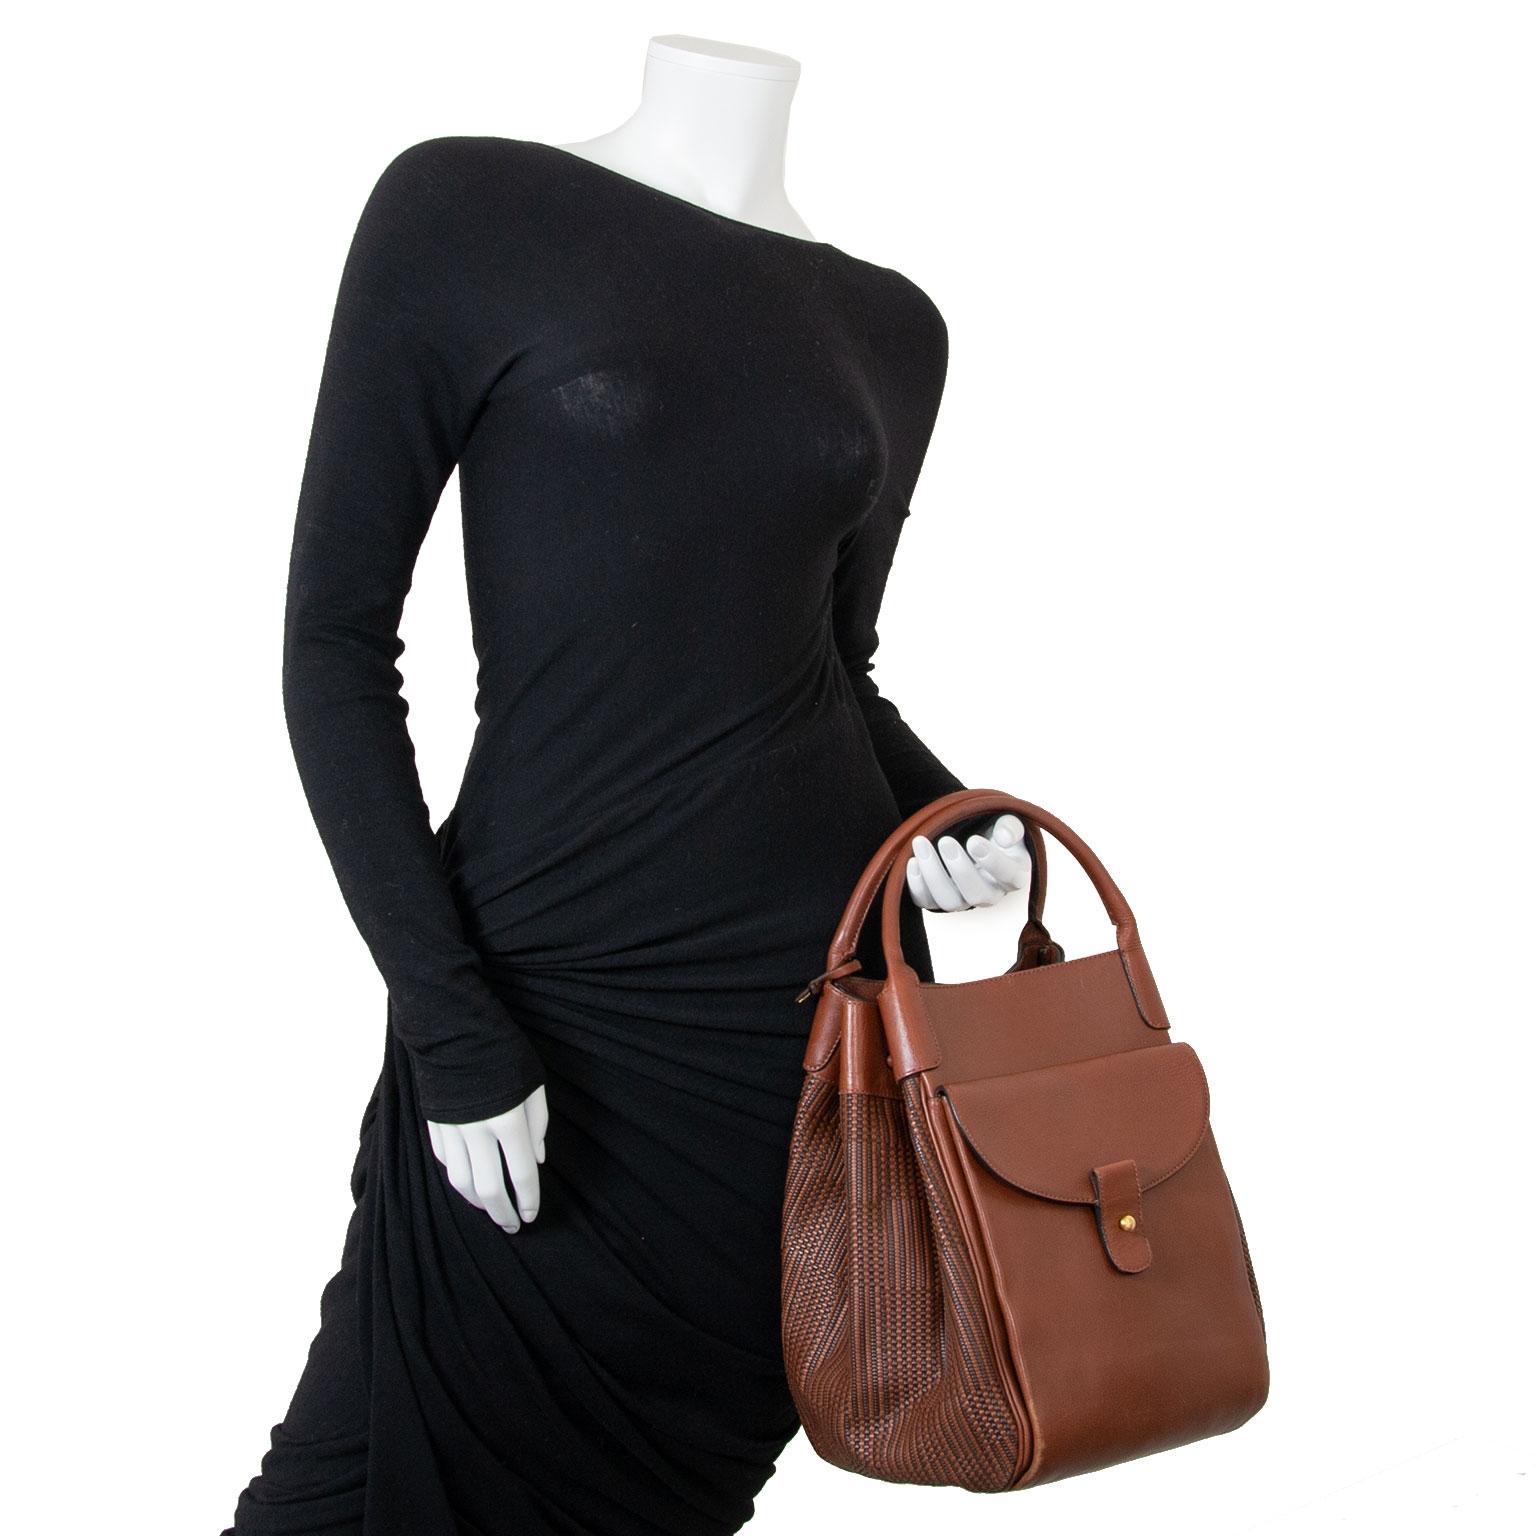 delvaux brown toile de cuir corail gm bag now for sale at labellov vintage fashion webshop belgium